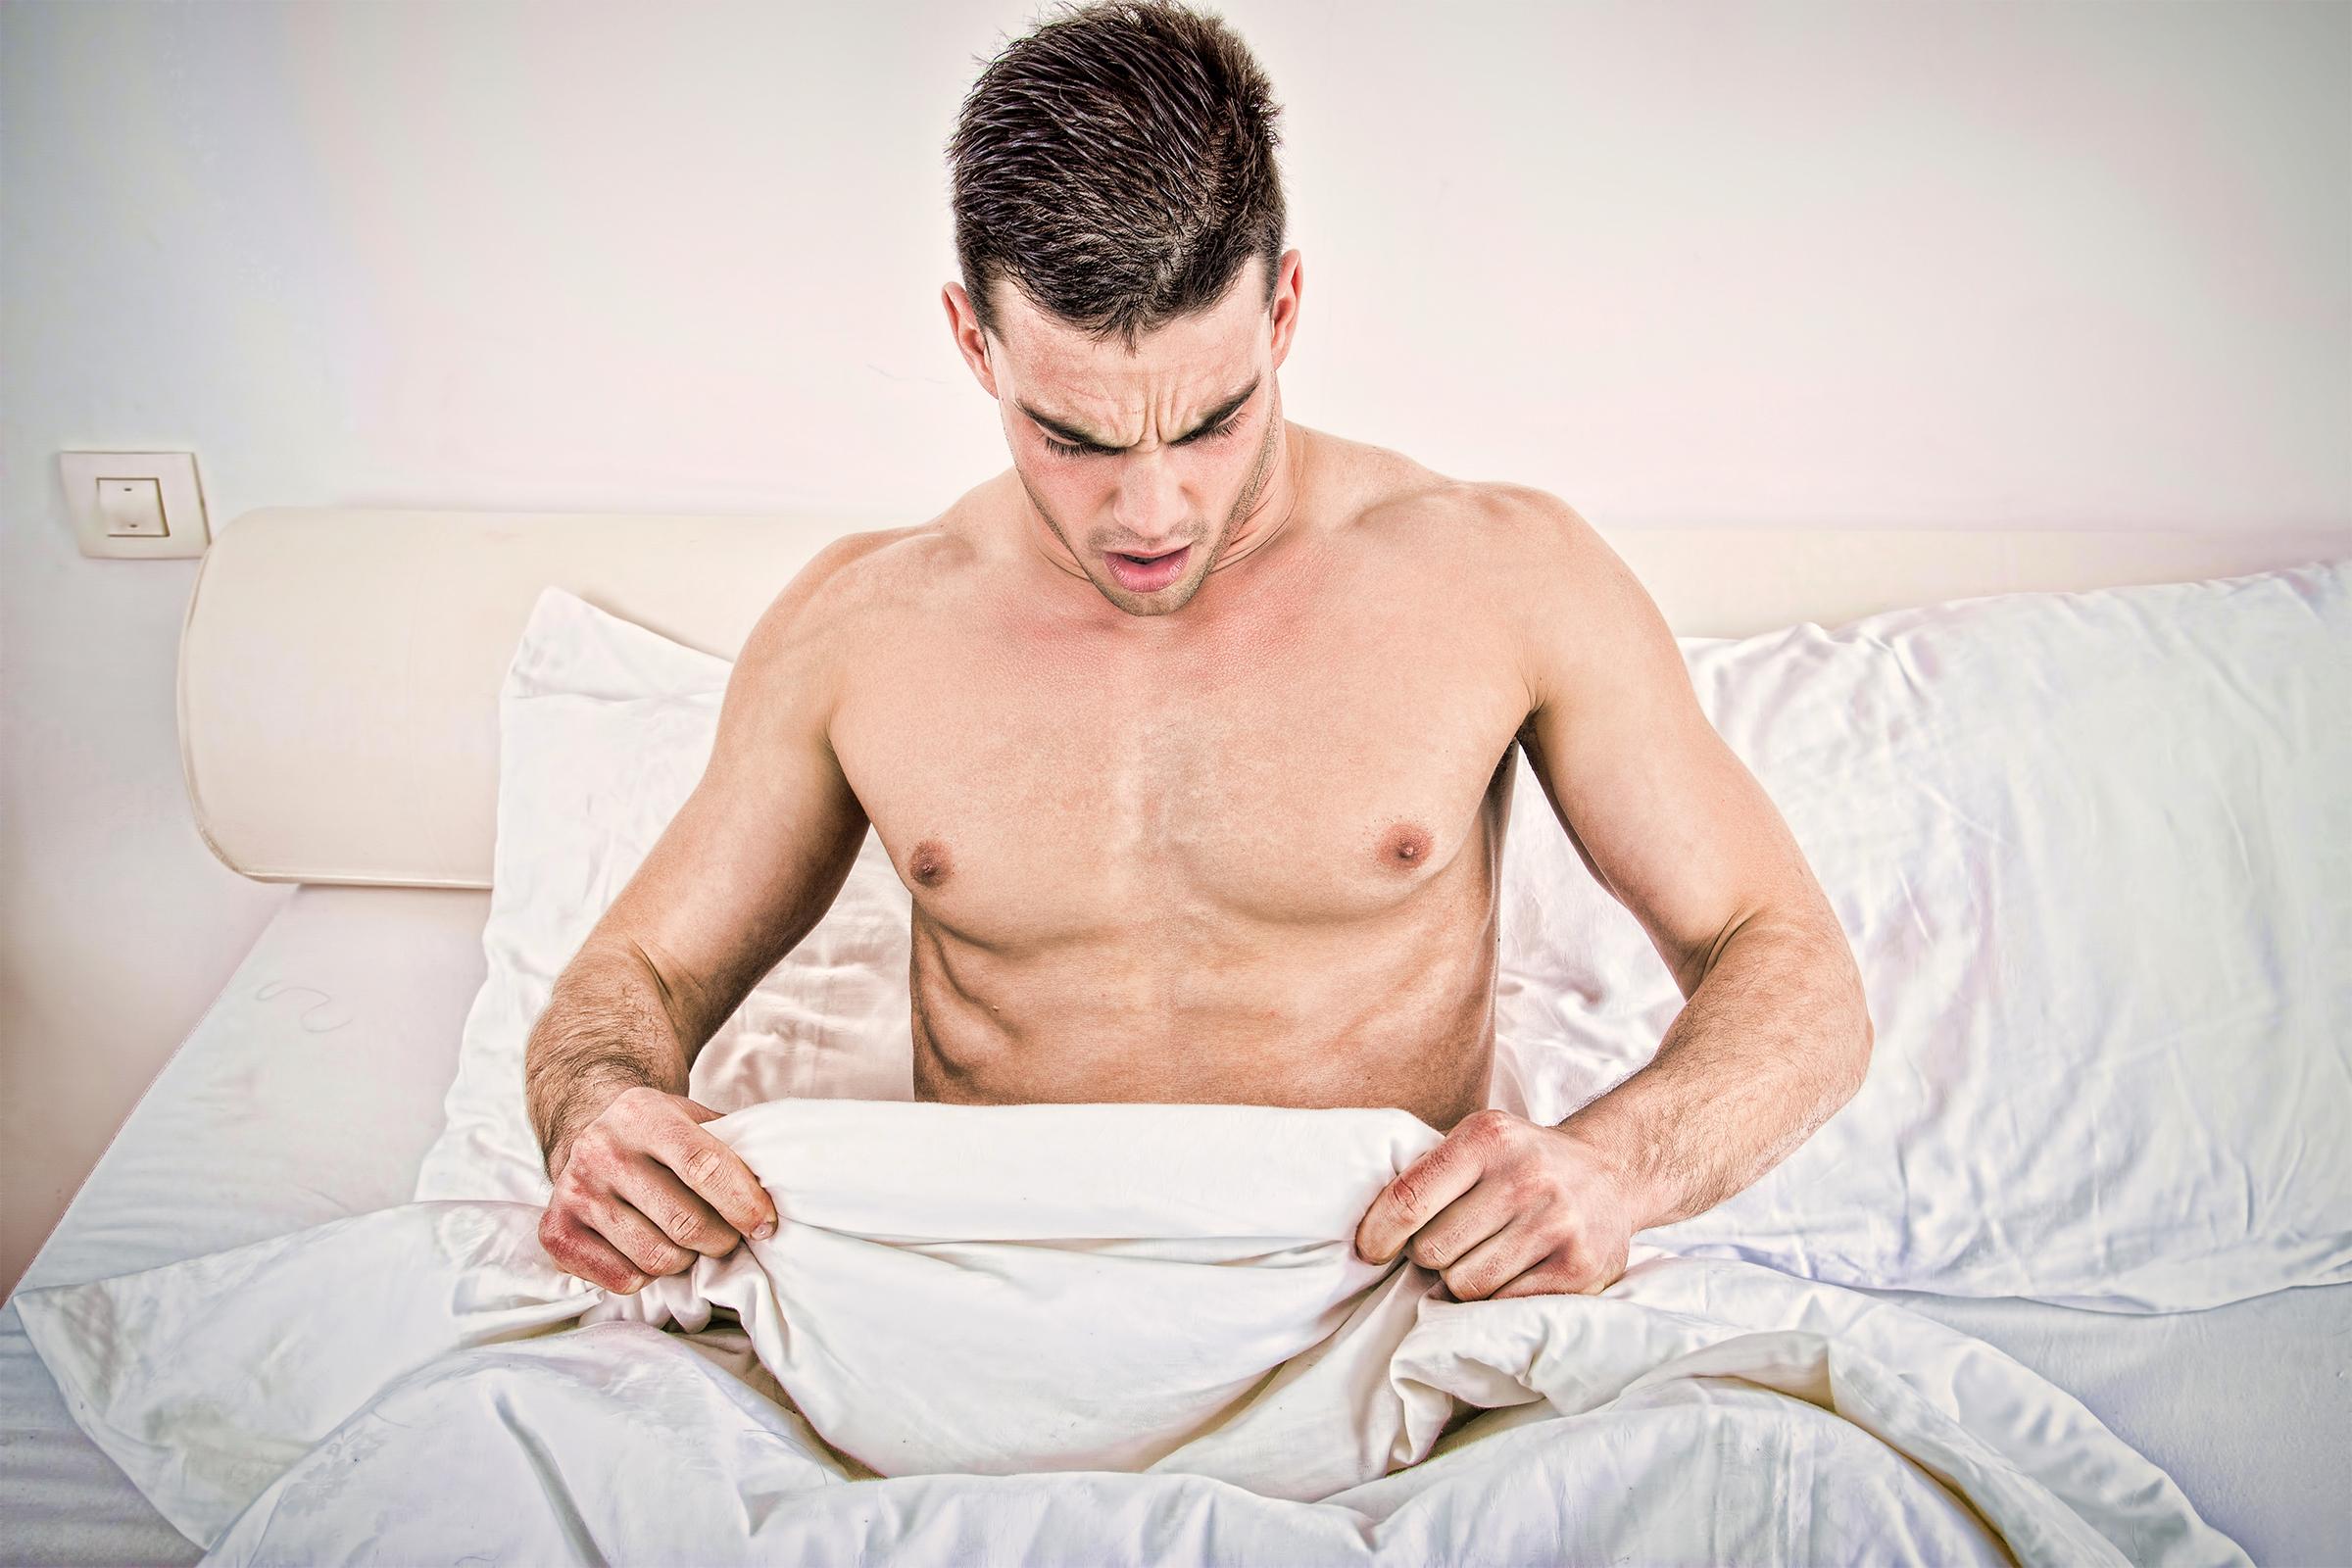 miért tűnik el az erekció kegel gyakorlatok és erekció